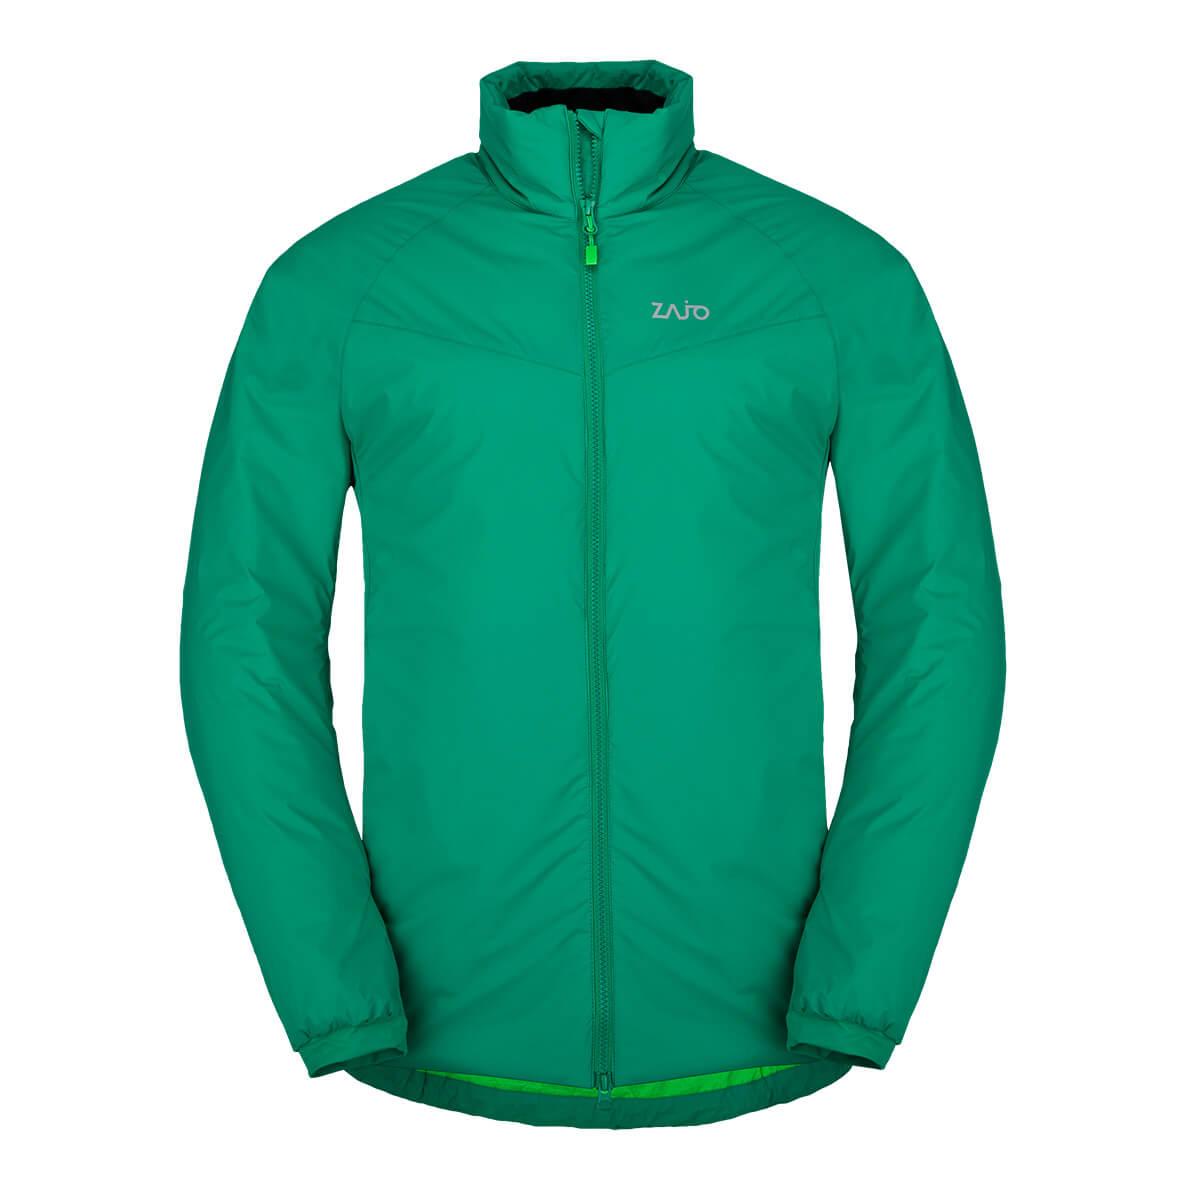 ZAJO Pánska bunda Narvik NH JKT Golf Green - veľkosť S